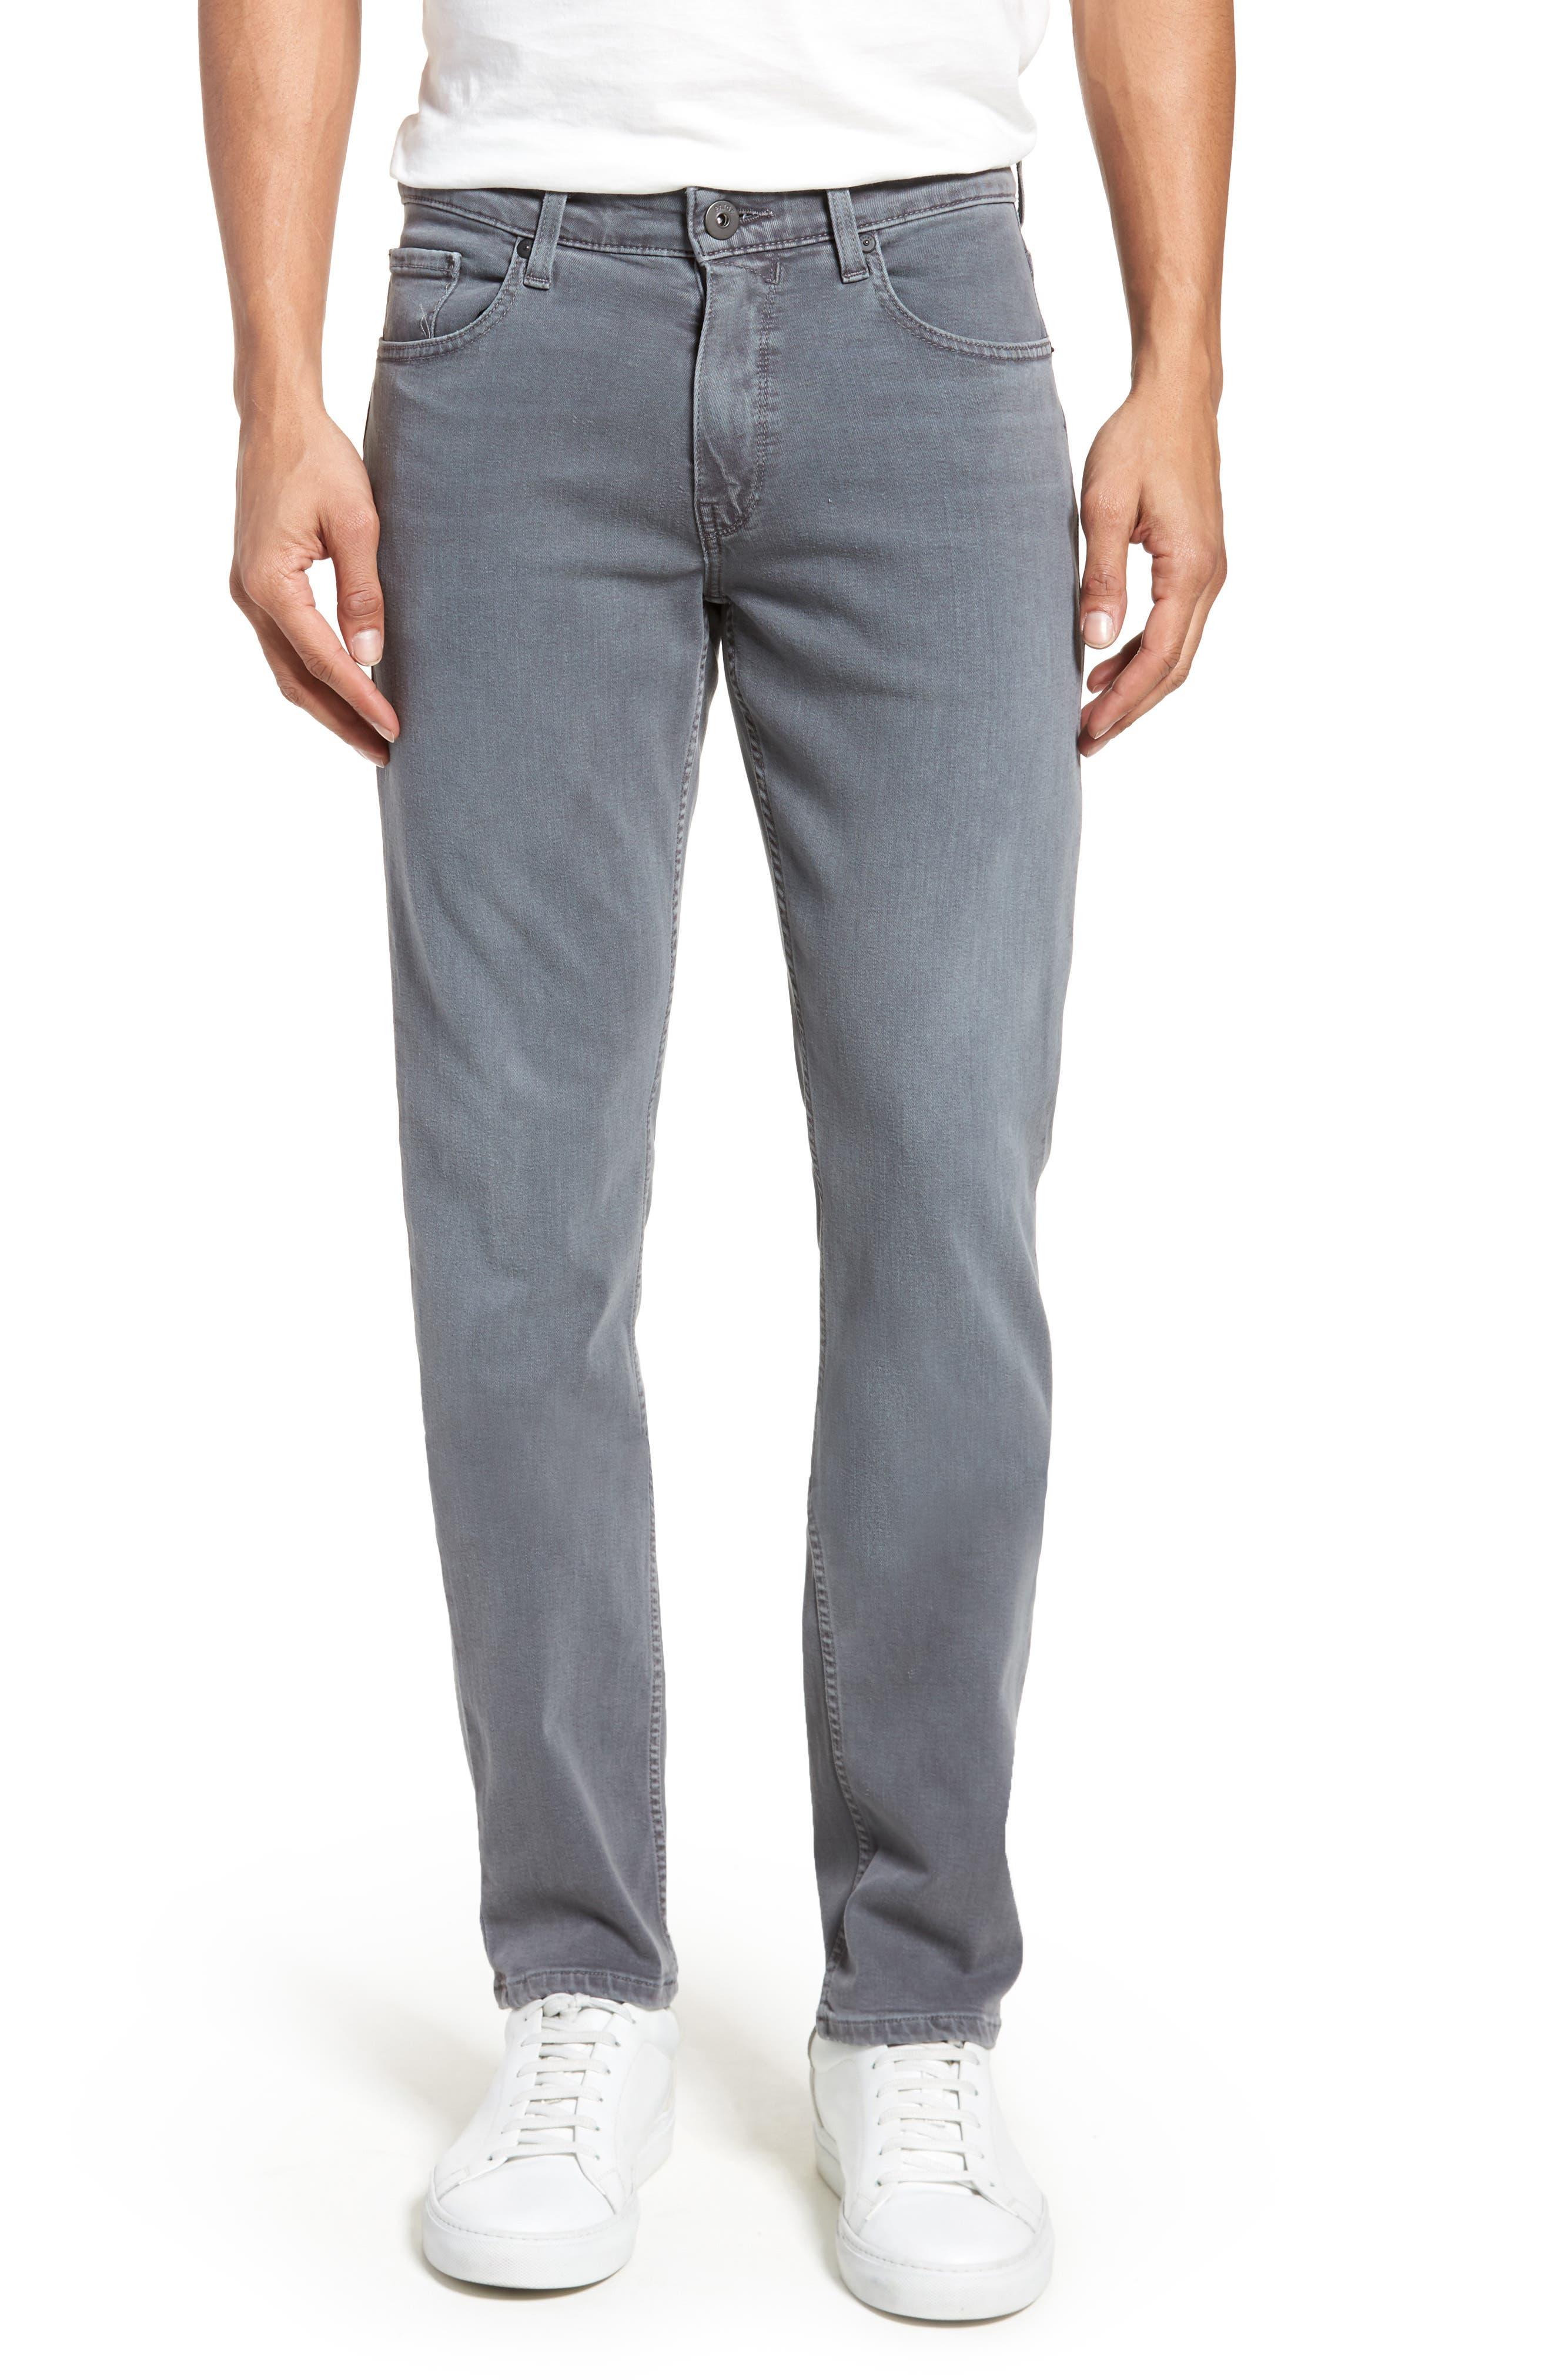 Transcend - Lennox Slim Fit Jeans,                         Main,                         color, 020